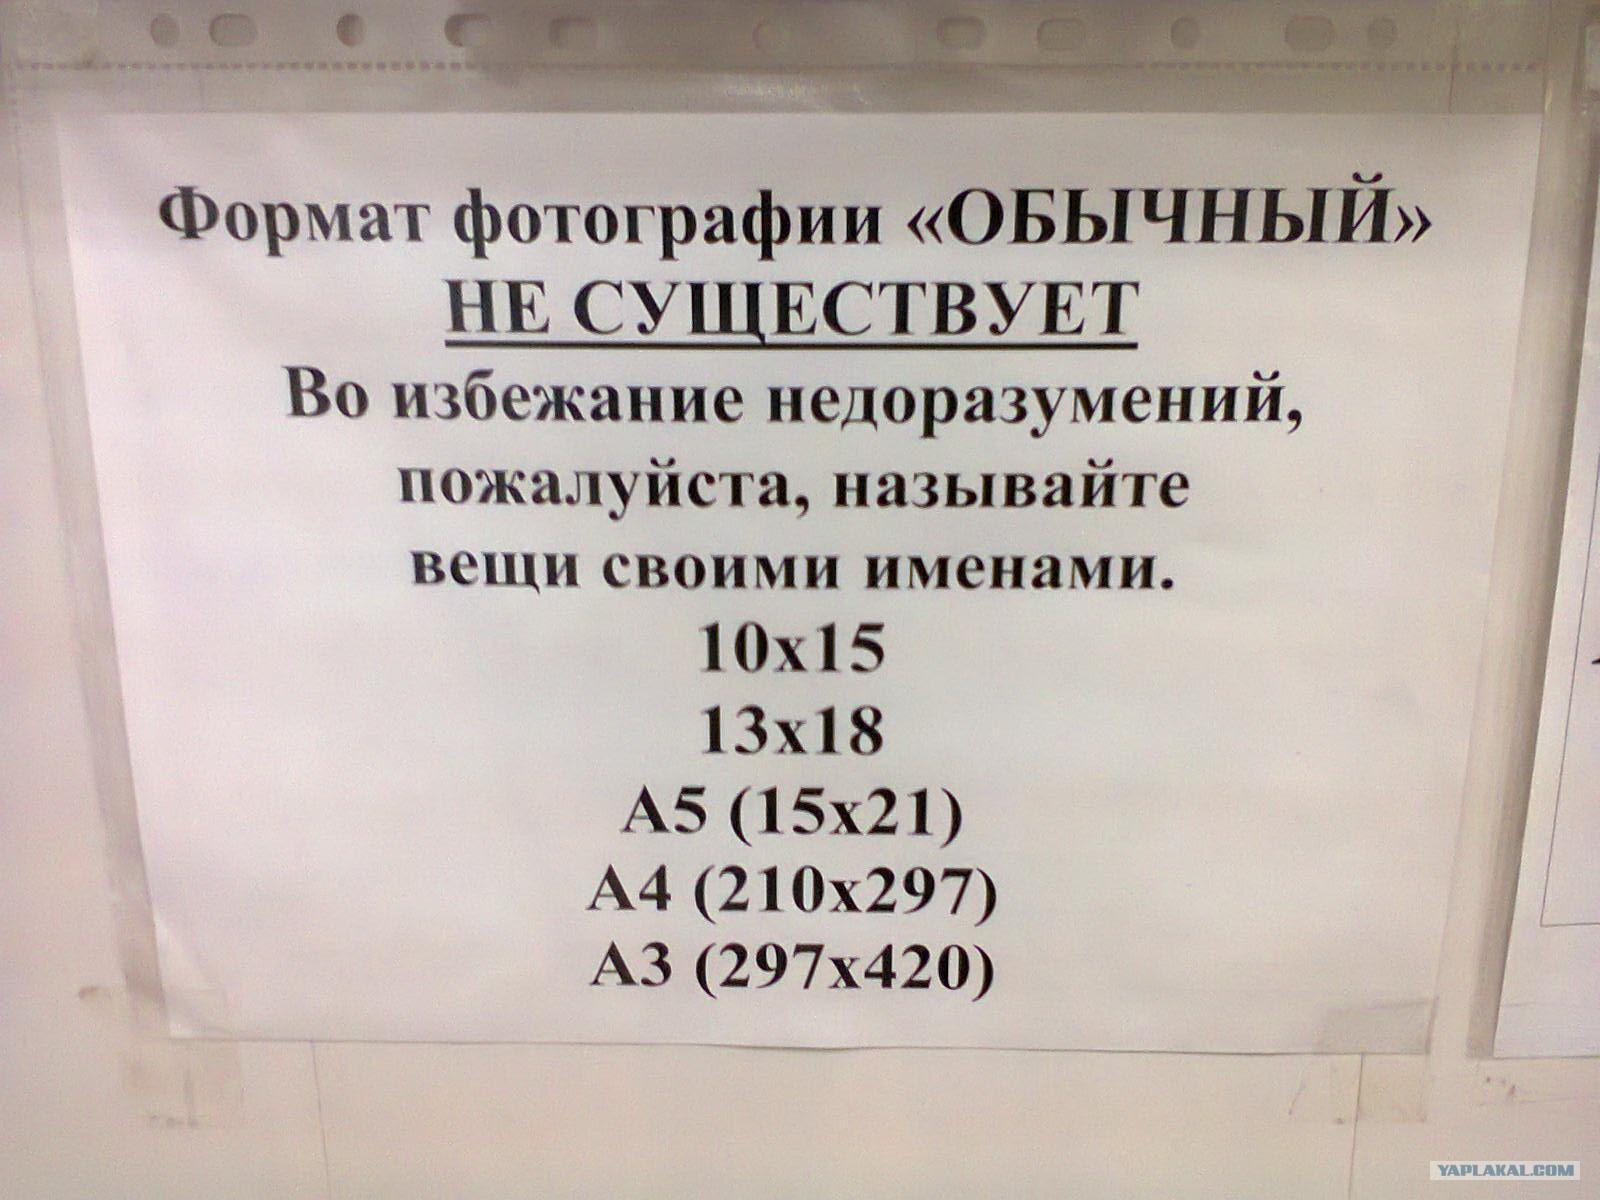 zaym-fizicheskomu-litsu-na-kartu